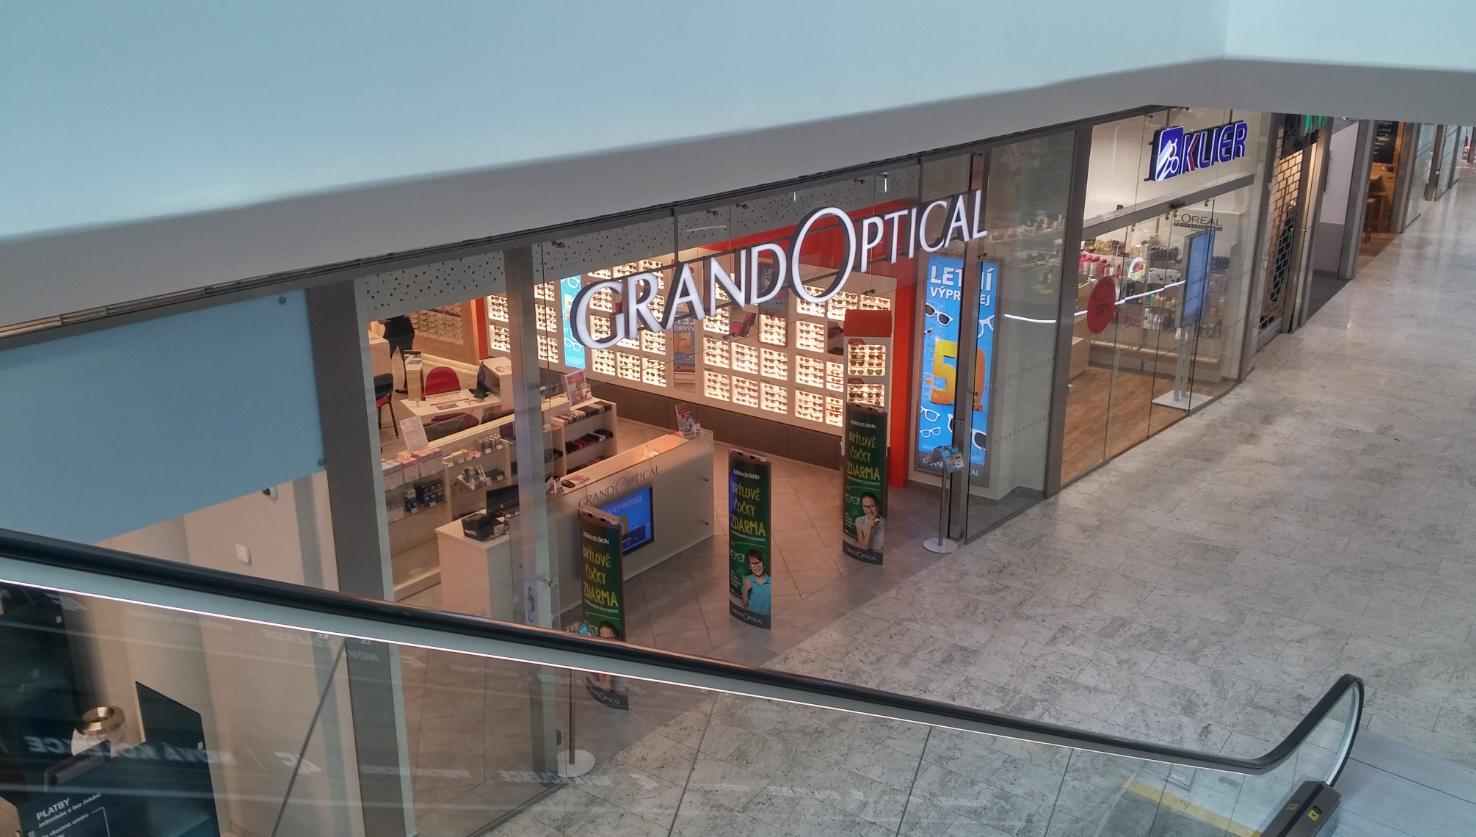 GrandOptical - oční optika Aupark Hradec Králové